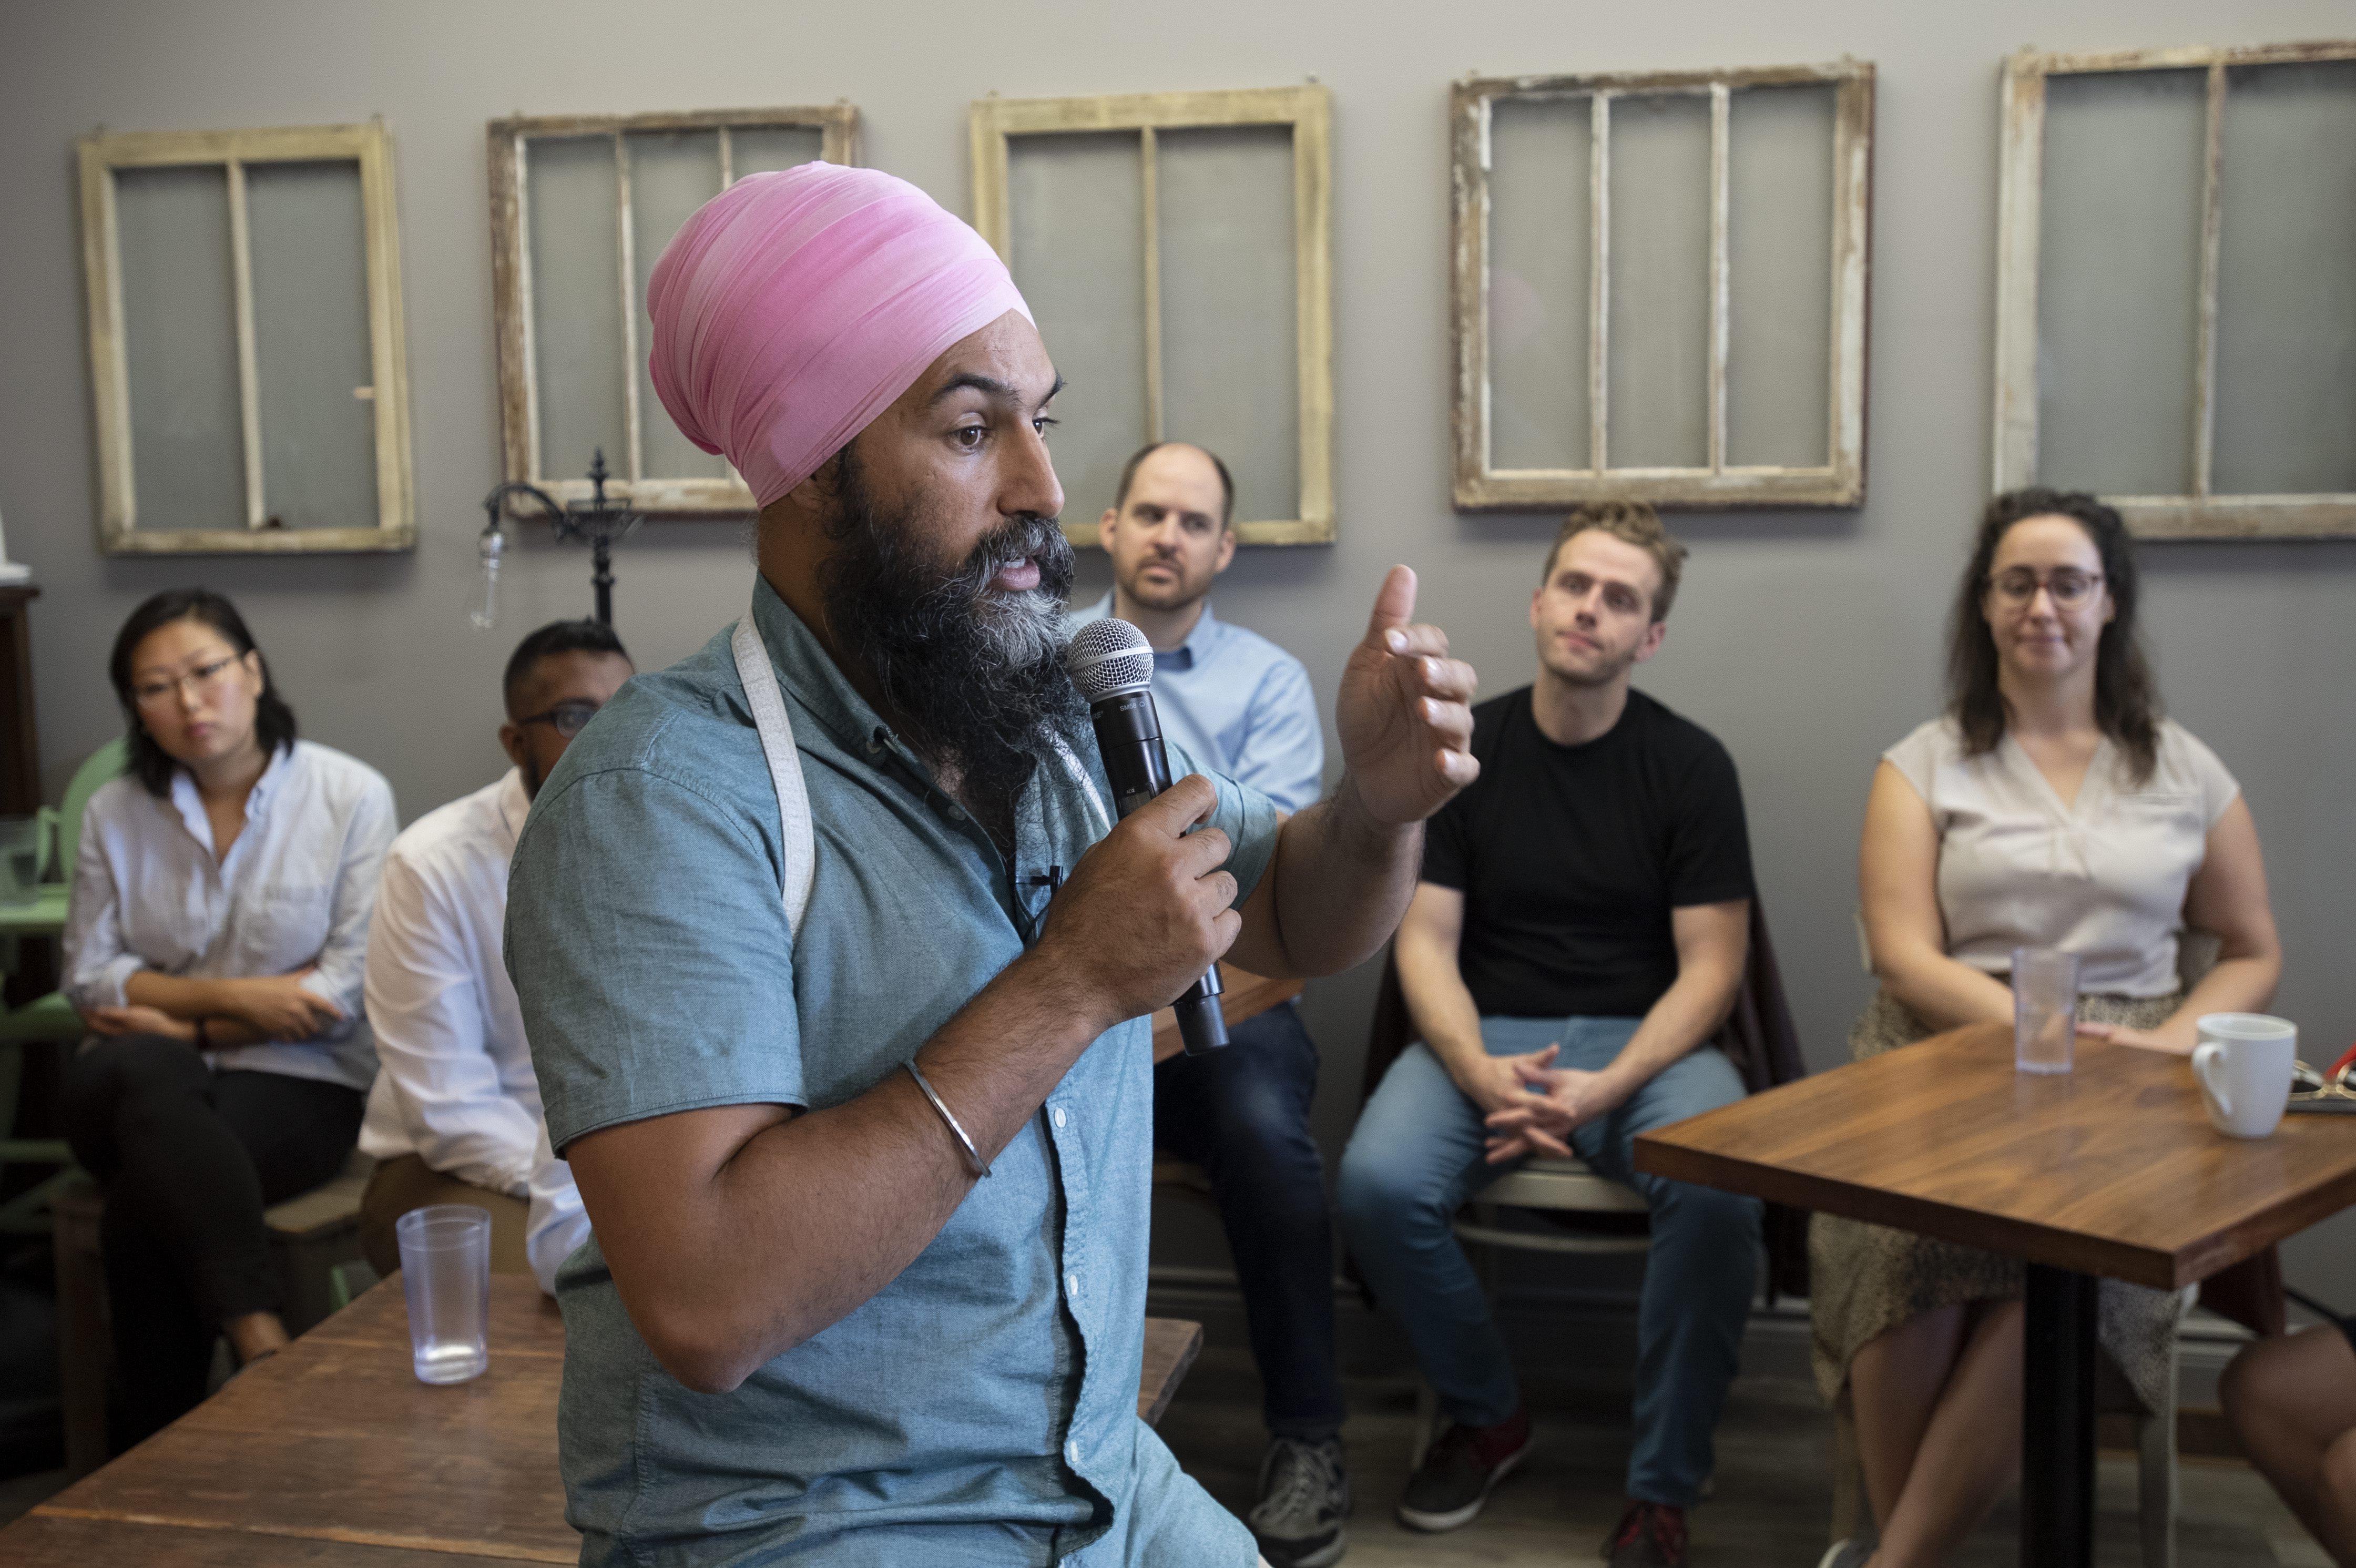 Canada's Trudeau pledges assault rifle ban, pivots campaign amid blackface scandal